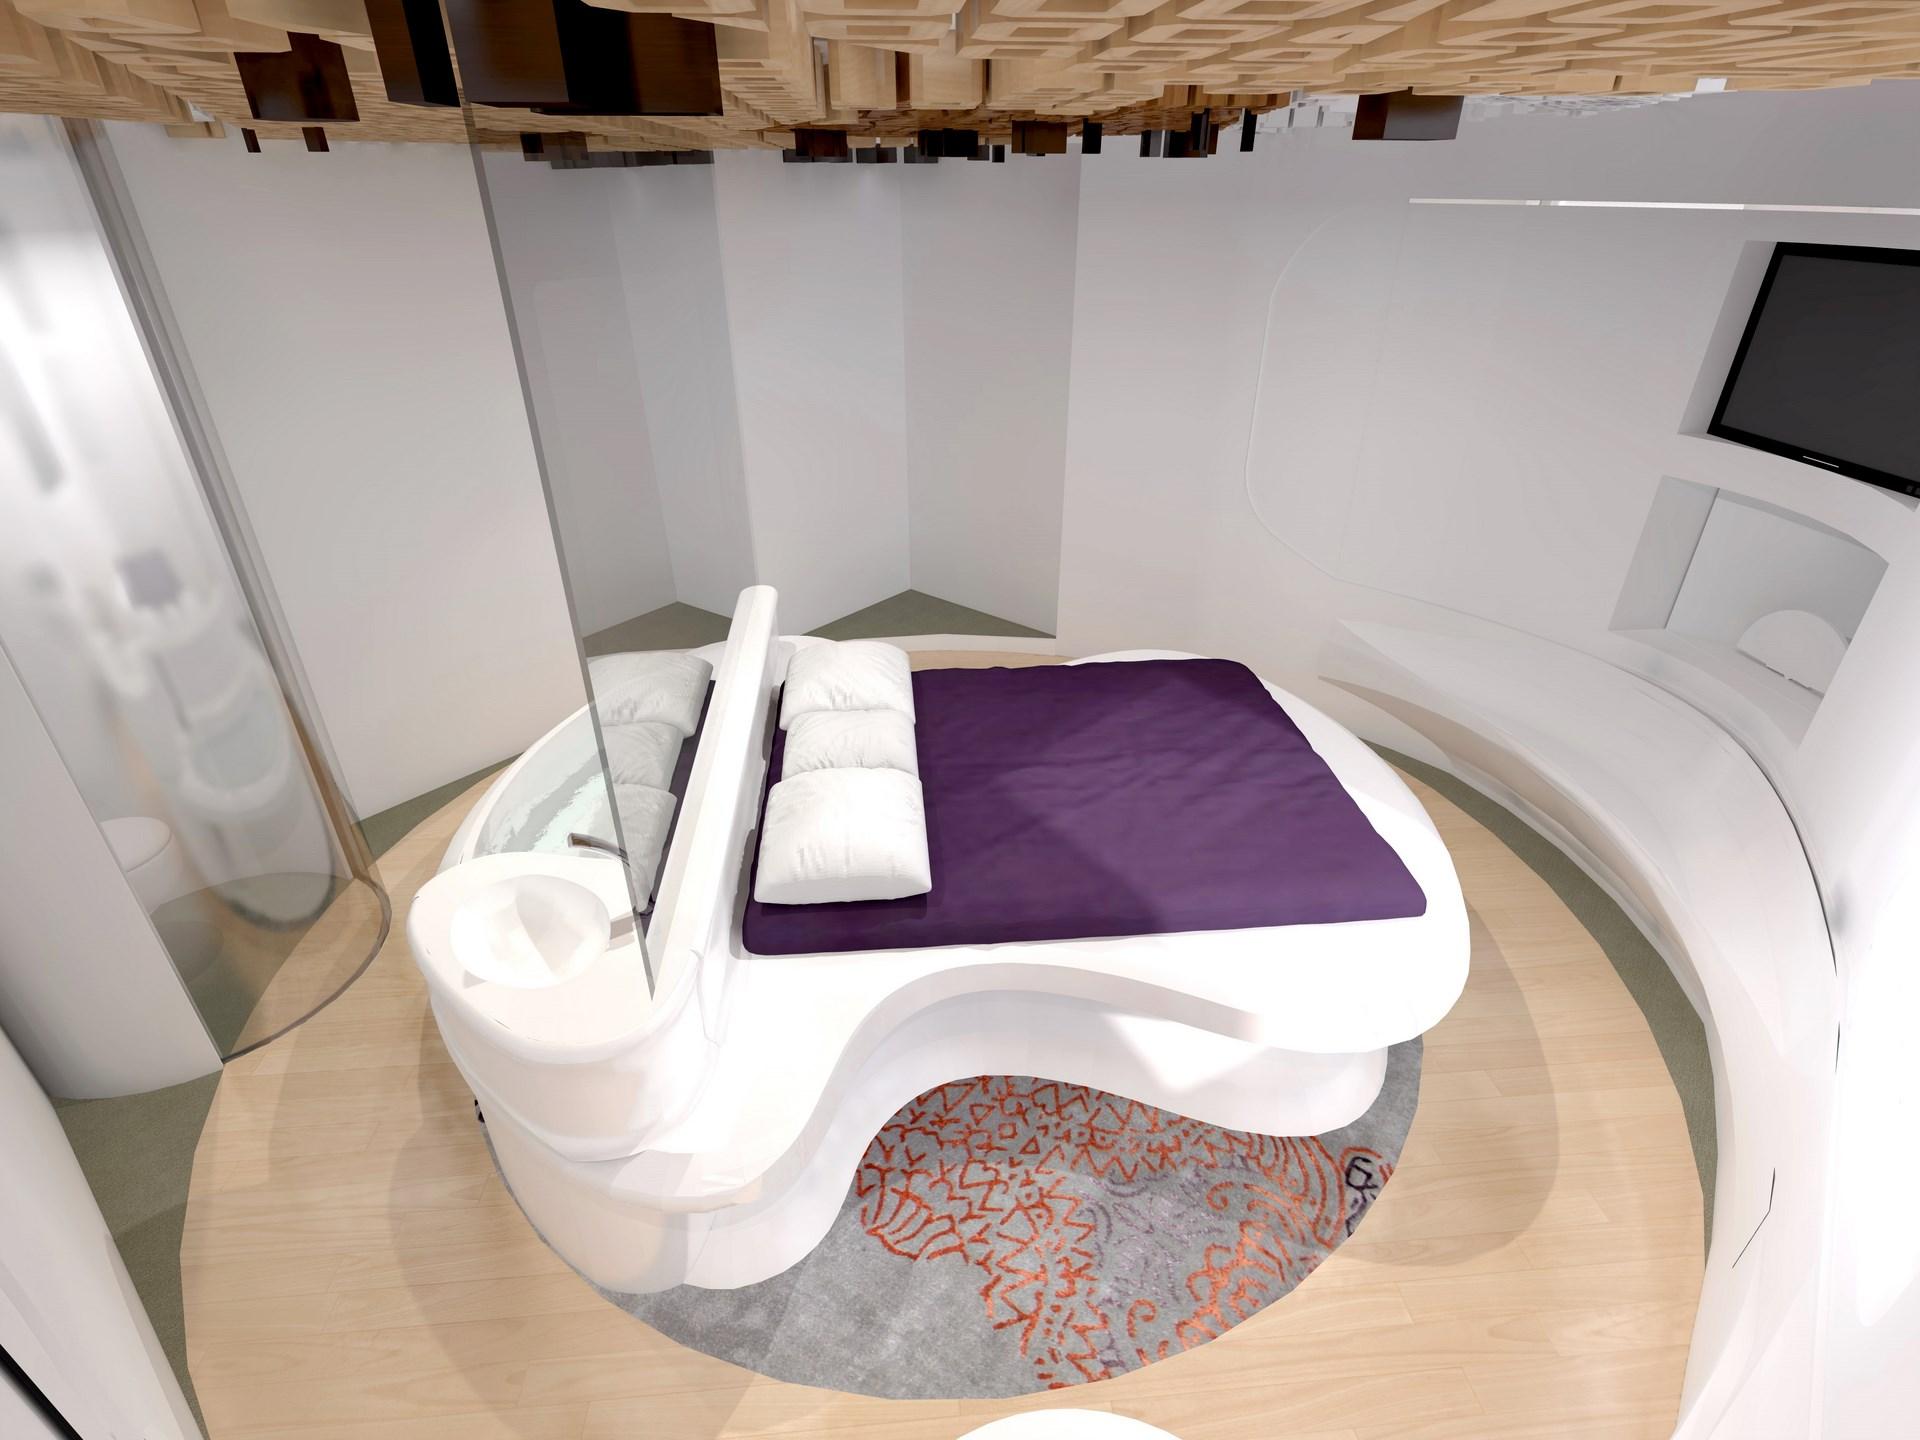 Chambre avec salle de bain ouverte et dressing for Hotel salle de bain ouverte